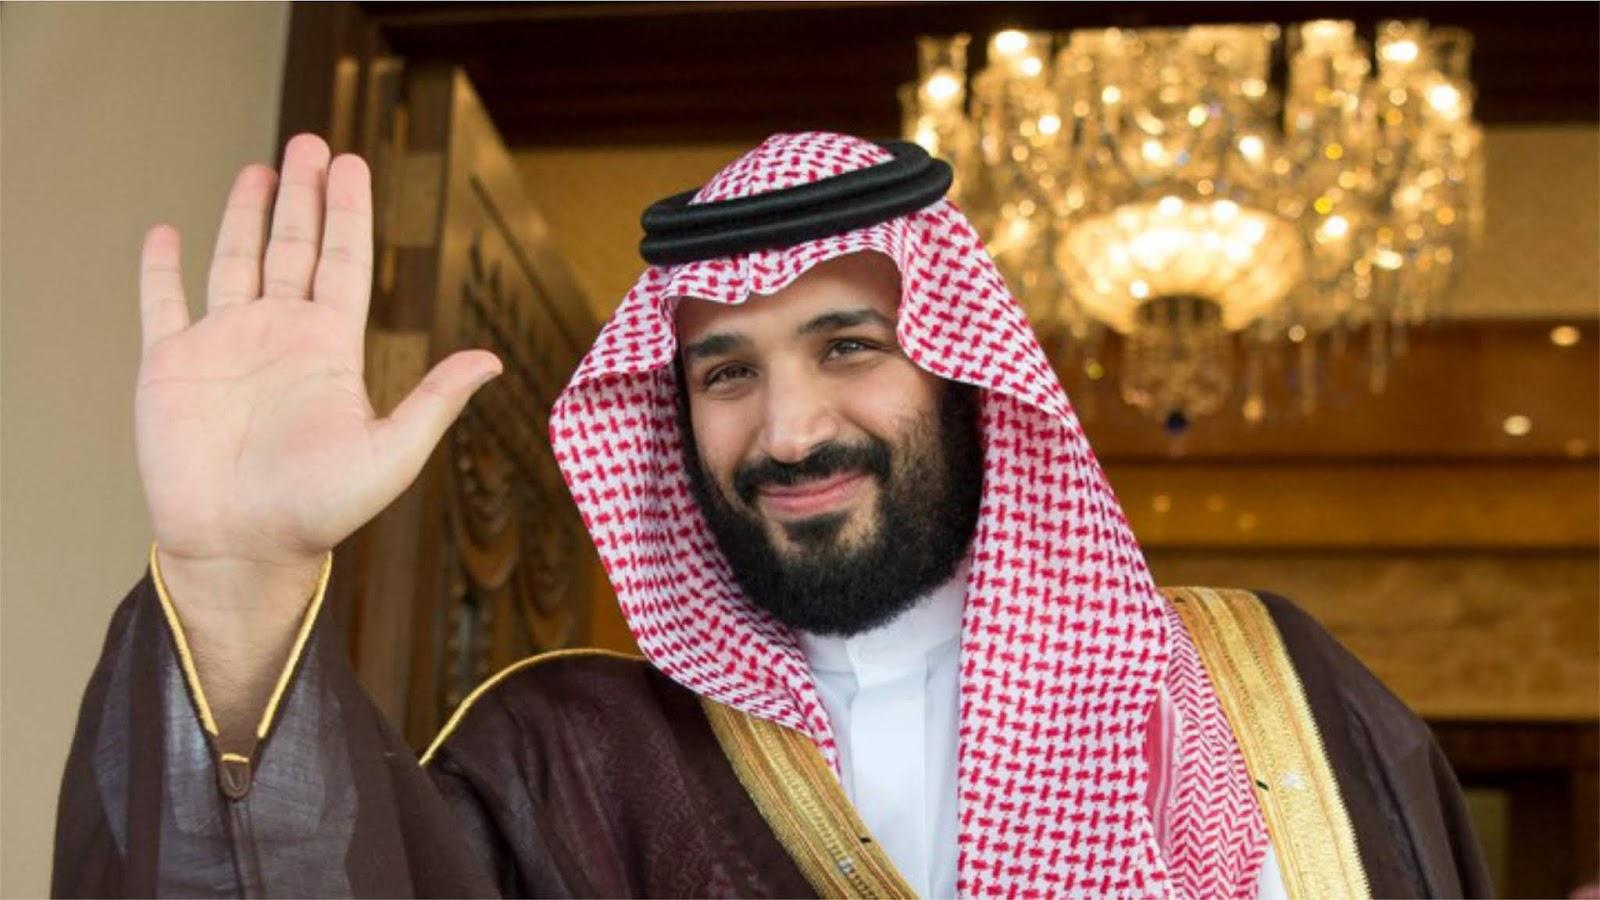 Putra mahkota Saudi membahas kemitraan strategis dengan Departemen Keuangan AS